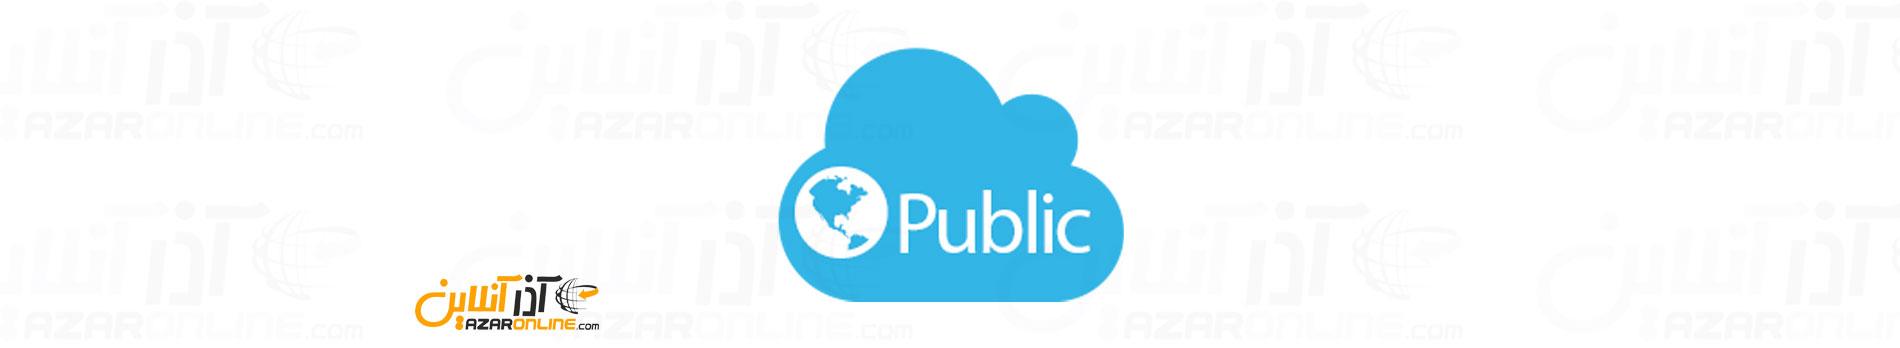 ابر عمومی ( Public Cloud )